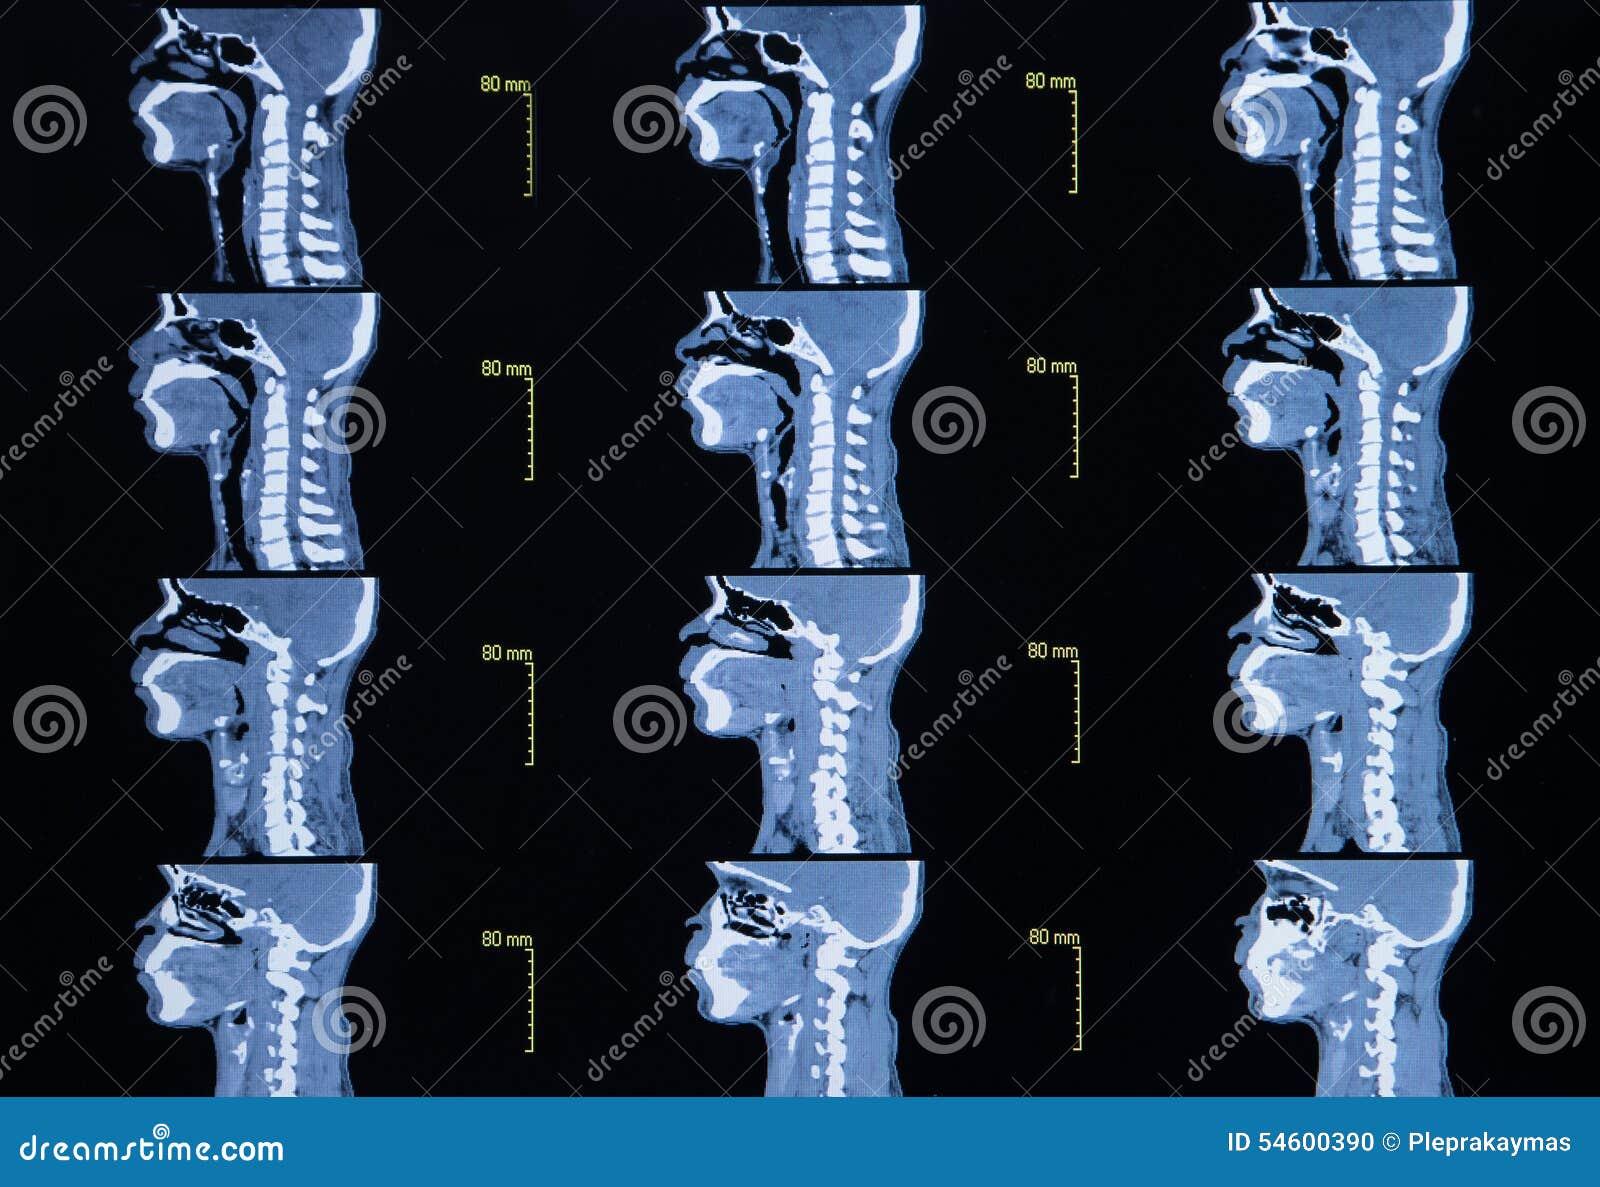 Серия изображений от компьютеризированной томографии шеи